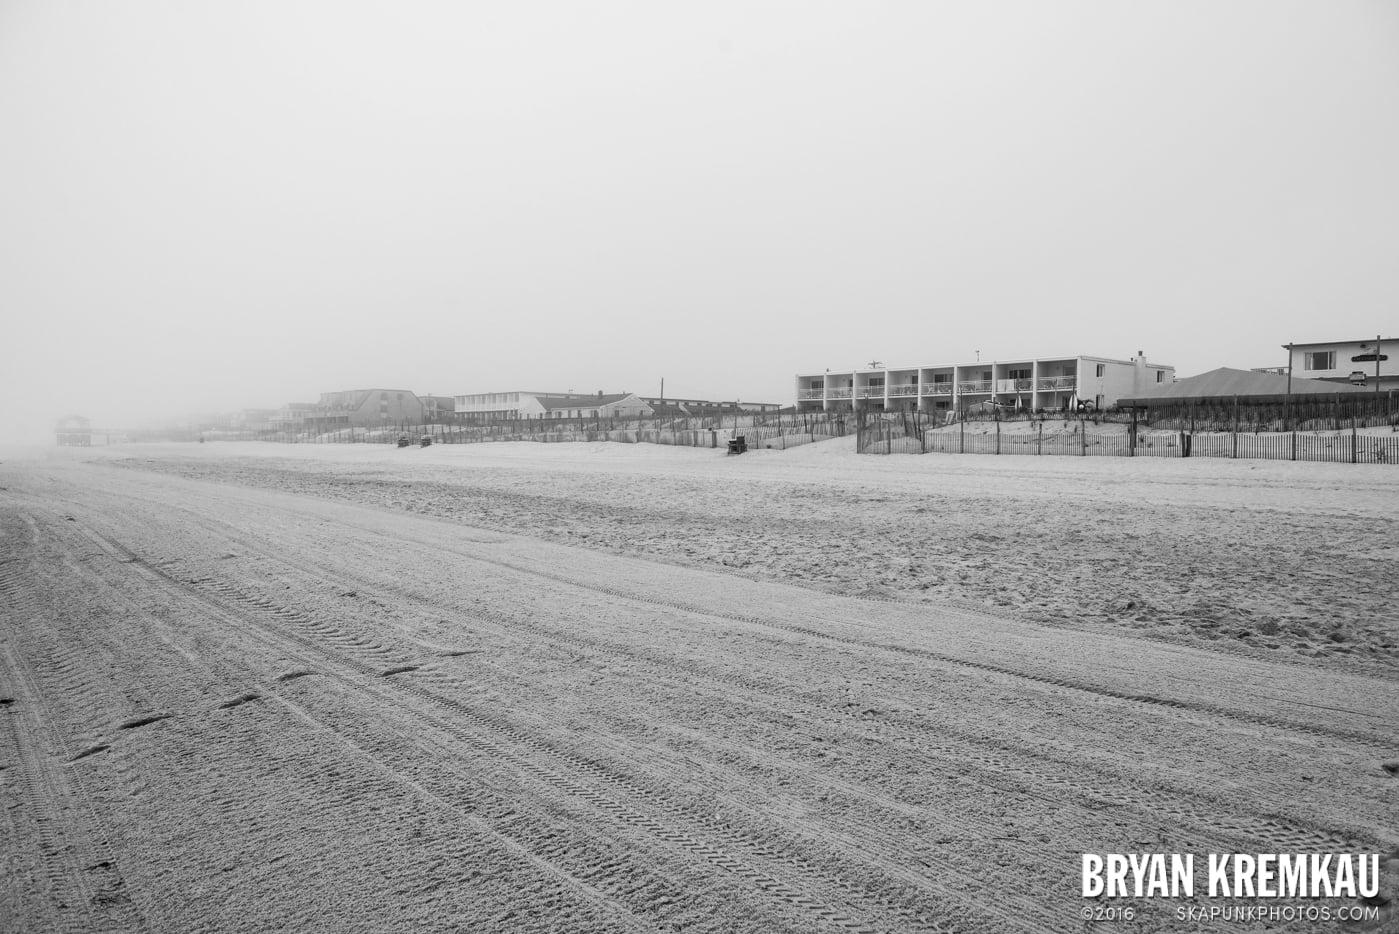 Beach Haven, Long Beach Island, NJ - 6.16.14 - 6.18.14 (66)